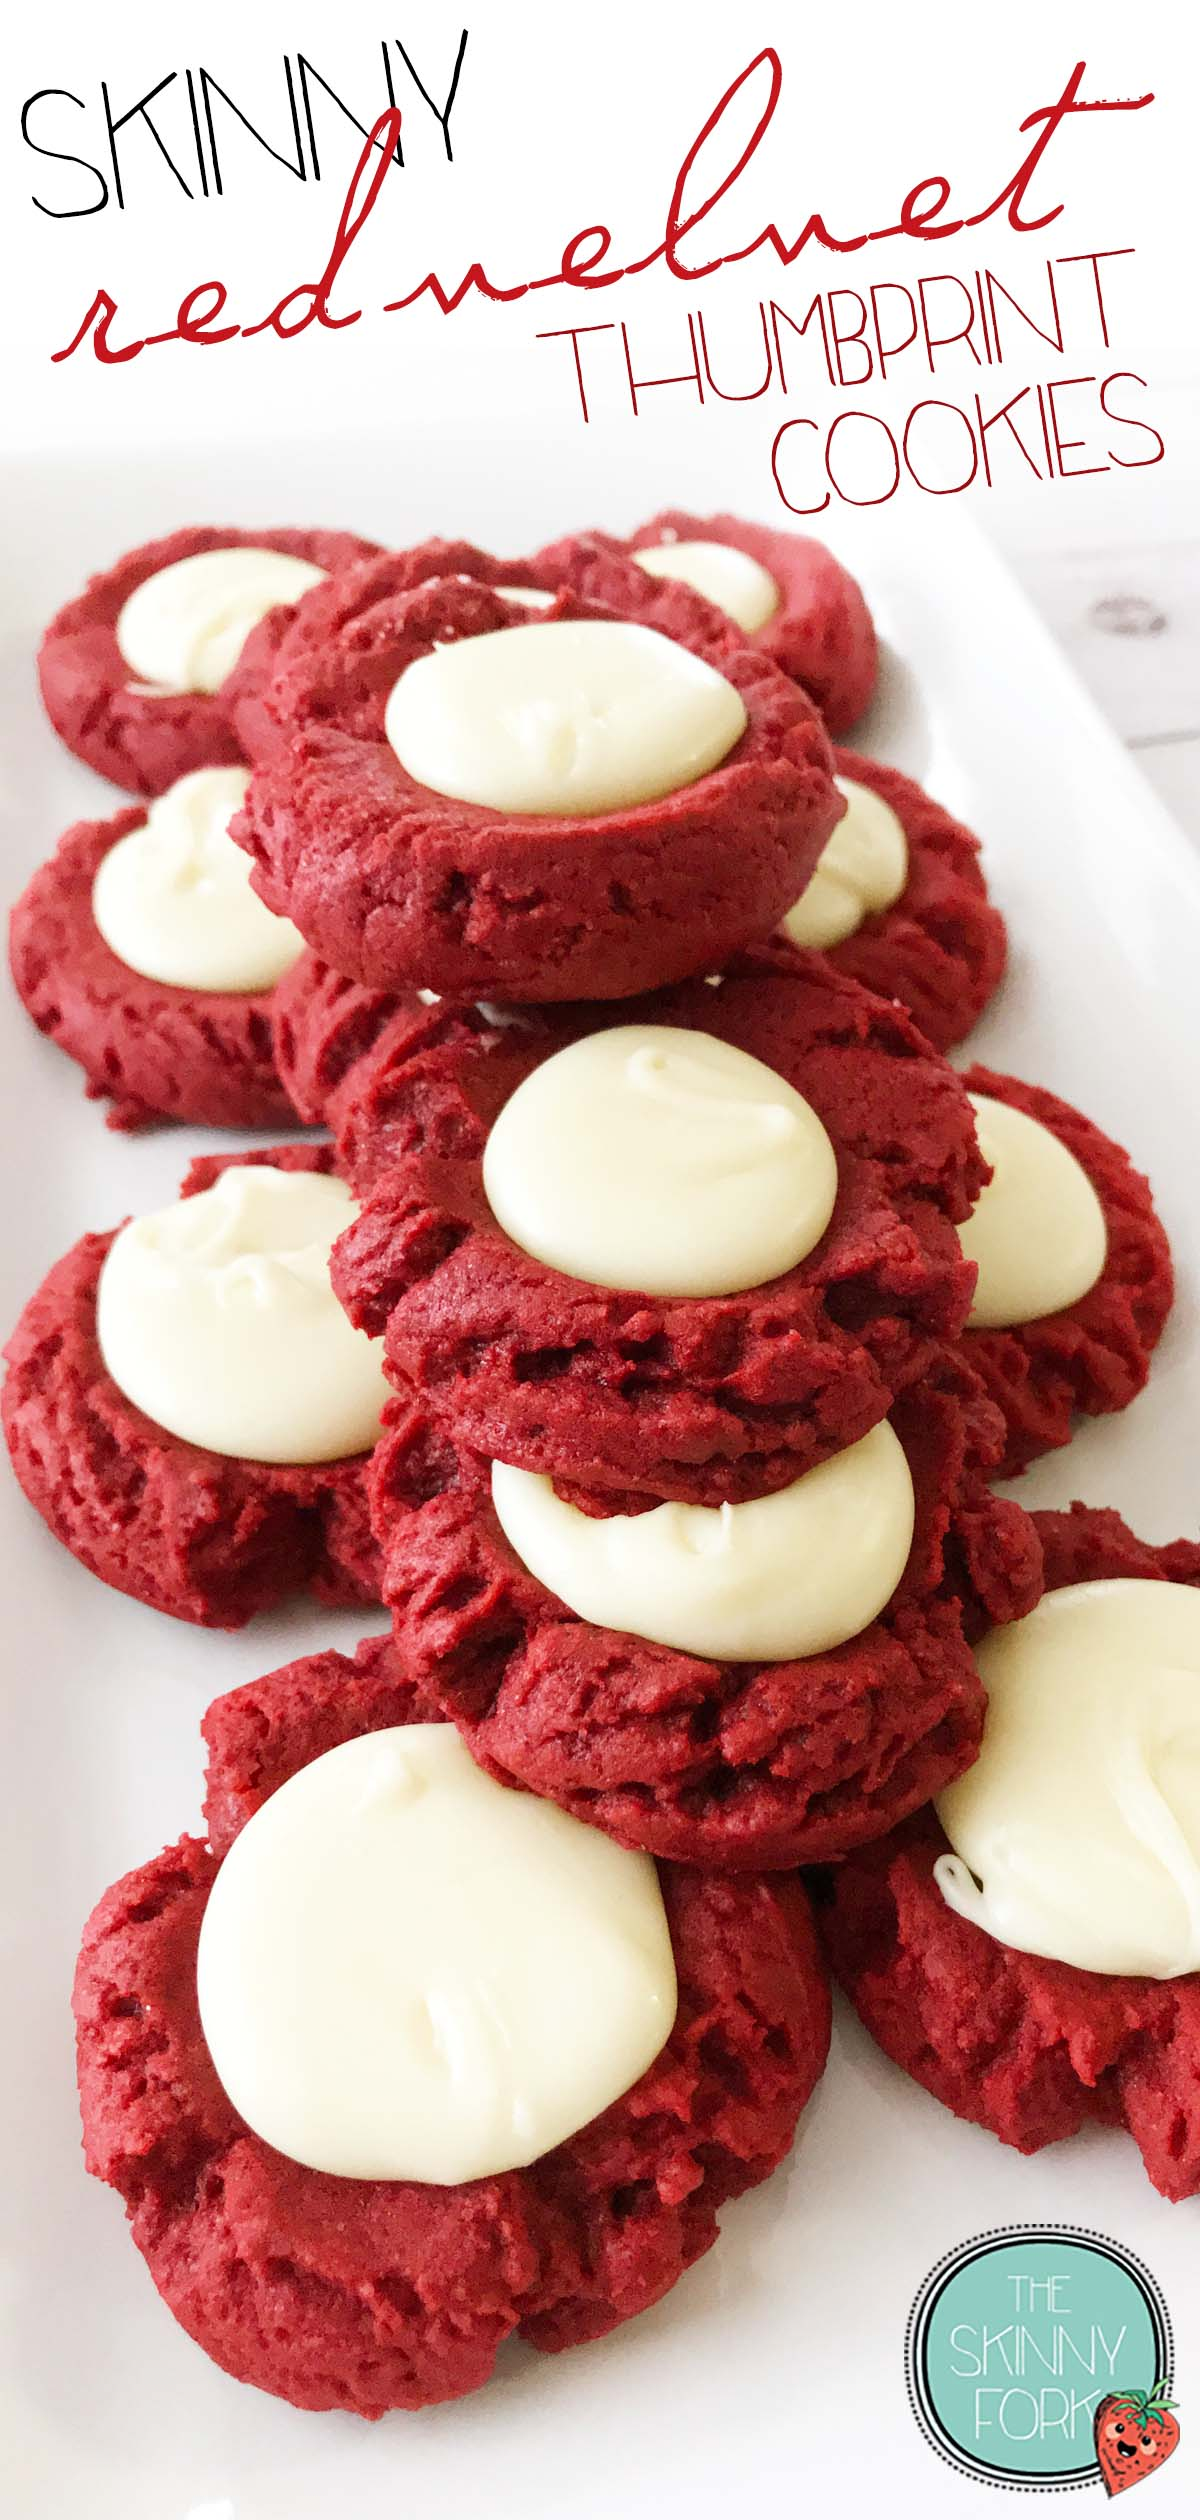 red-velvet-thumbprint-cookies-pin.jpg